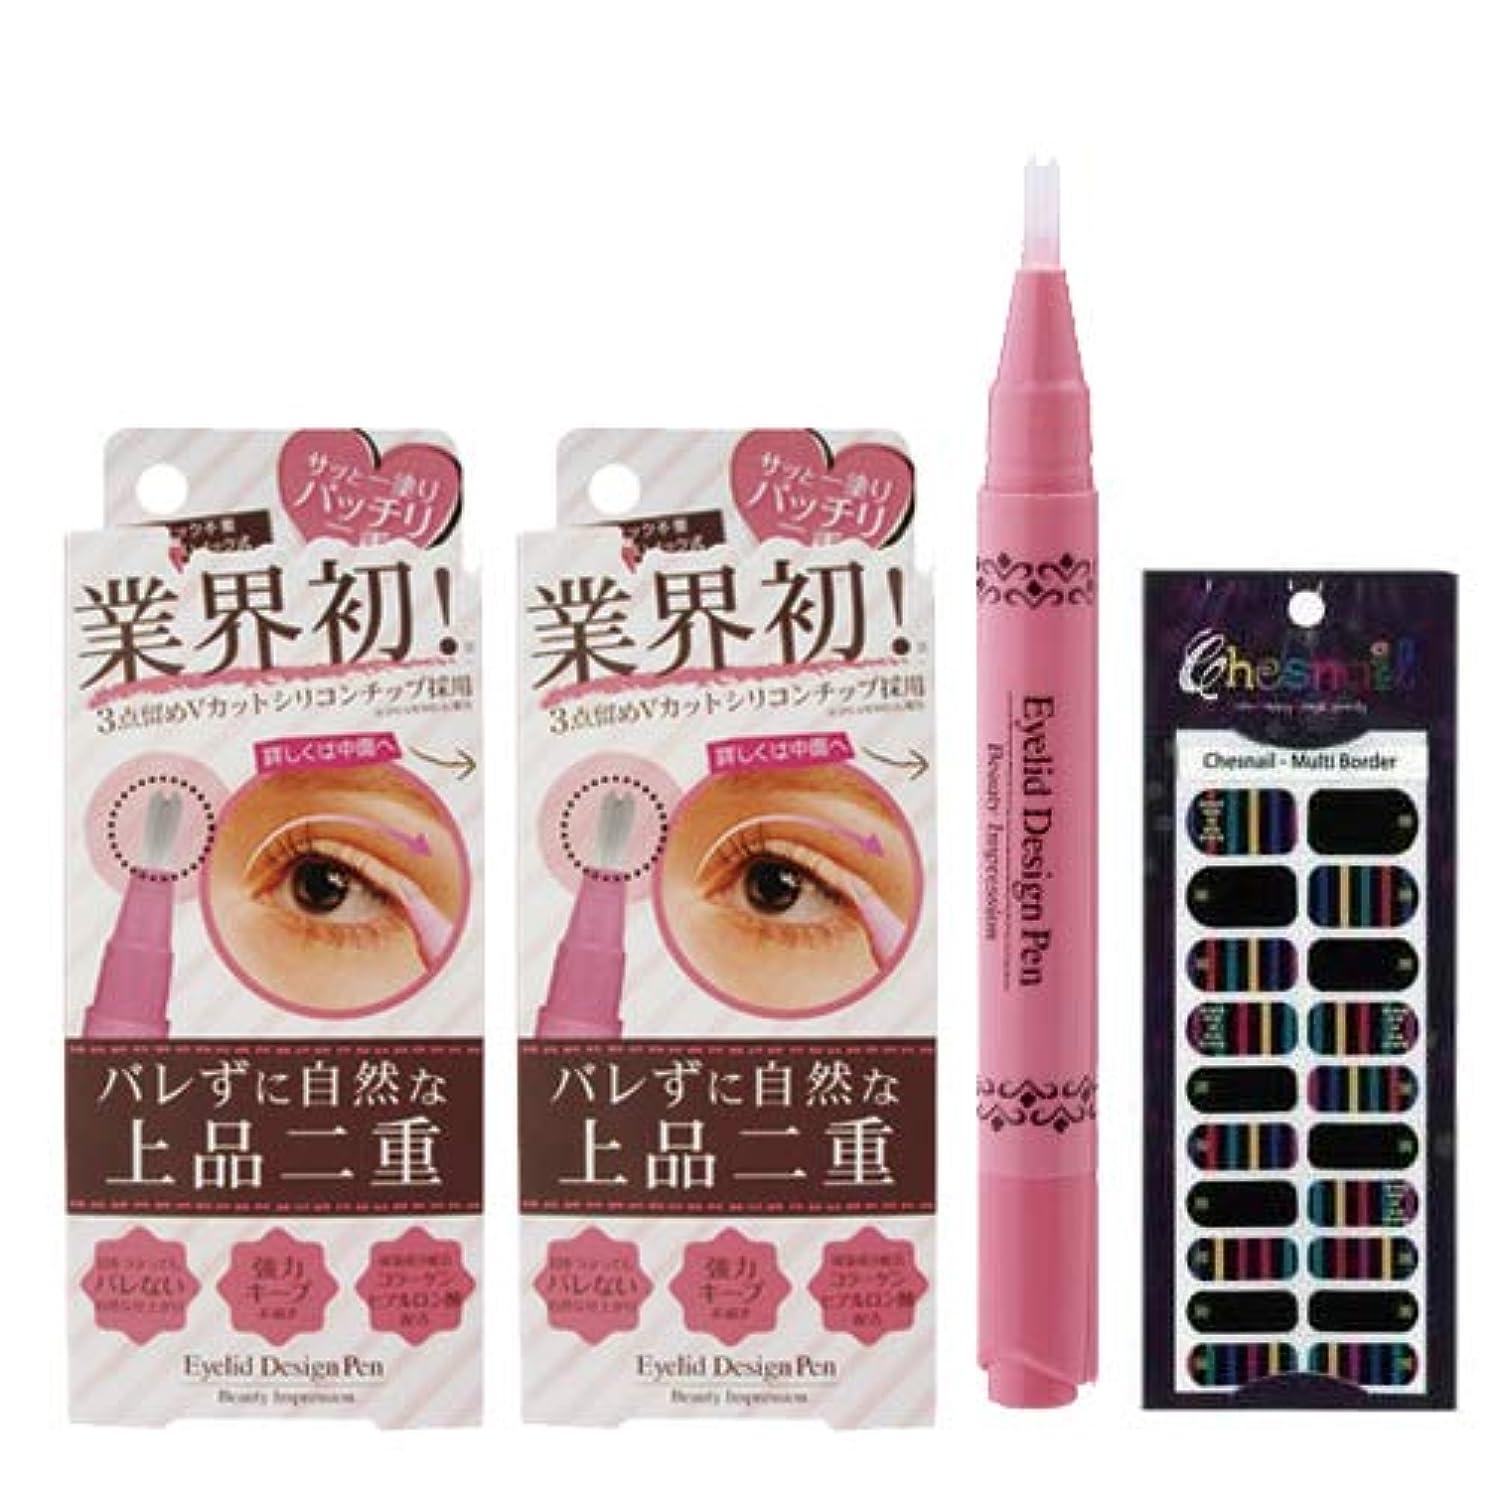 小川冷酷な法的Beauty Impression アイリッドデザインペン 2ml (二重まぶた形成化粧品) ×2個 + チェスネイル(マルチボーダー)セット